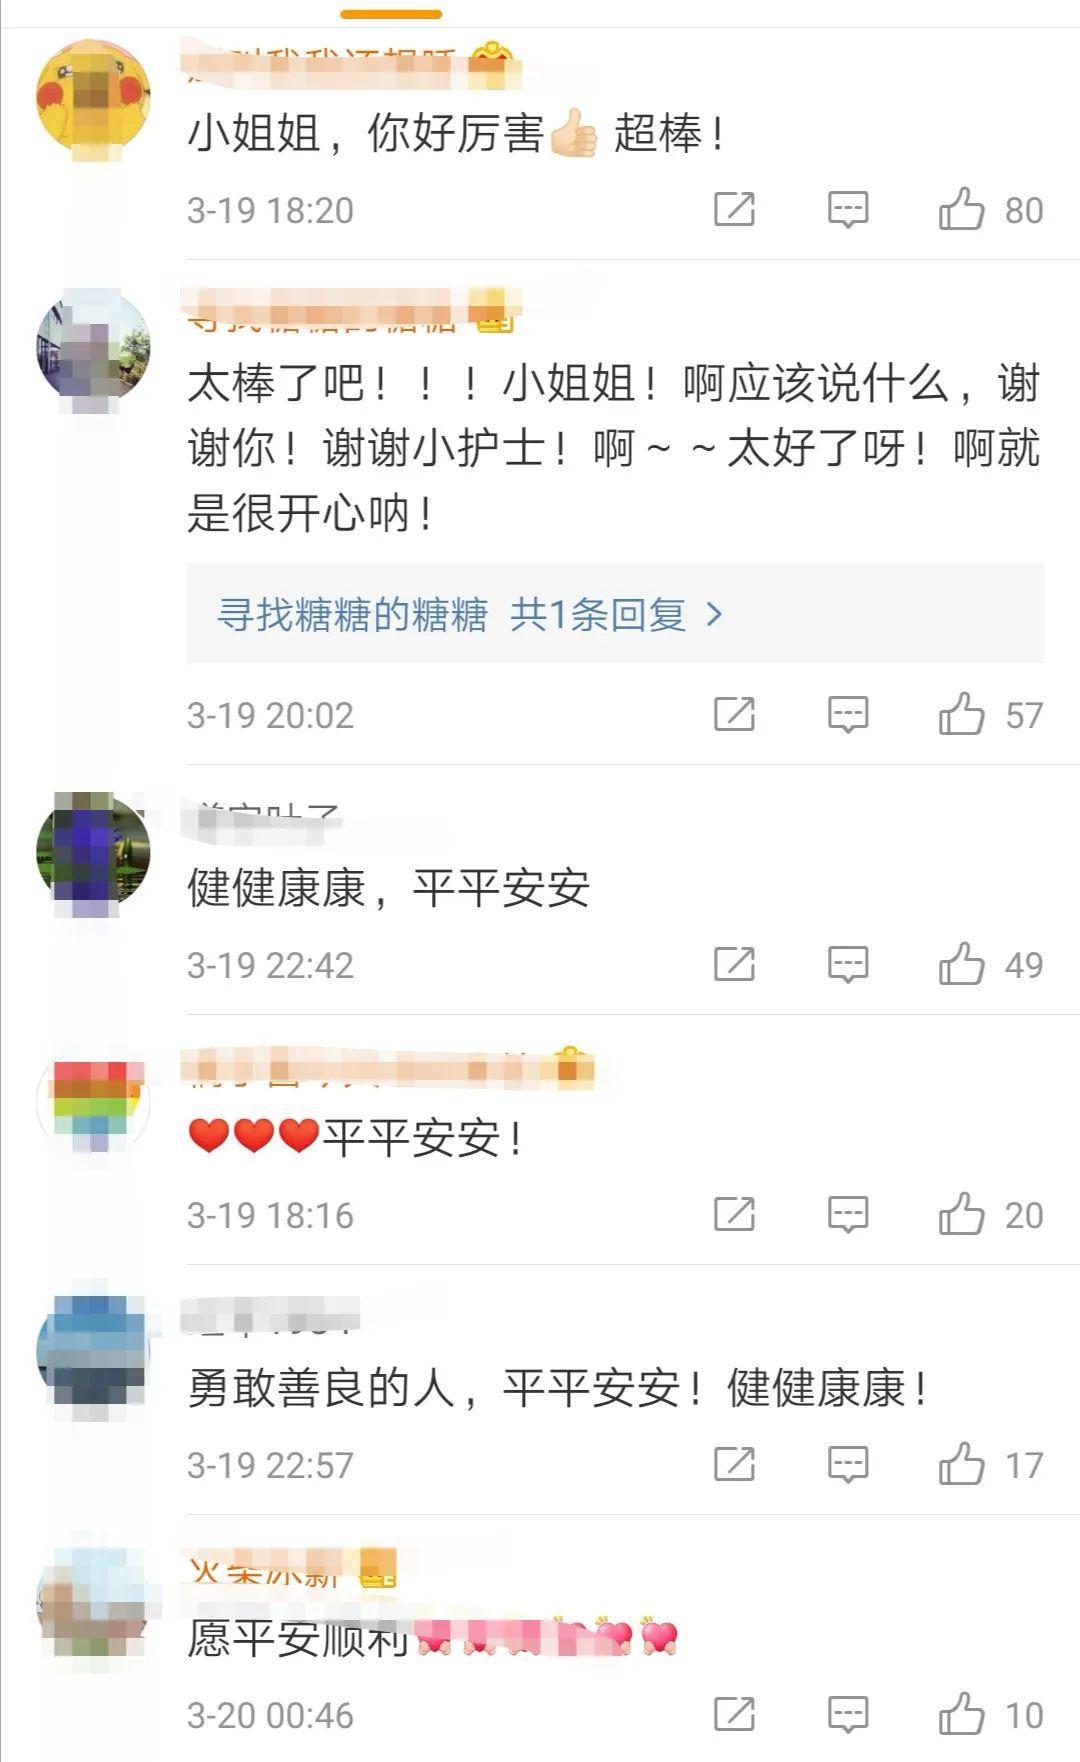 好消息:第一批!中国新冠疫苗开始临床试验  疫情相关 第2张